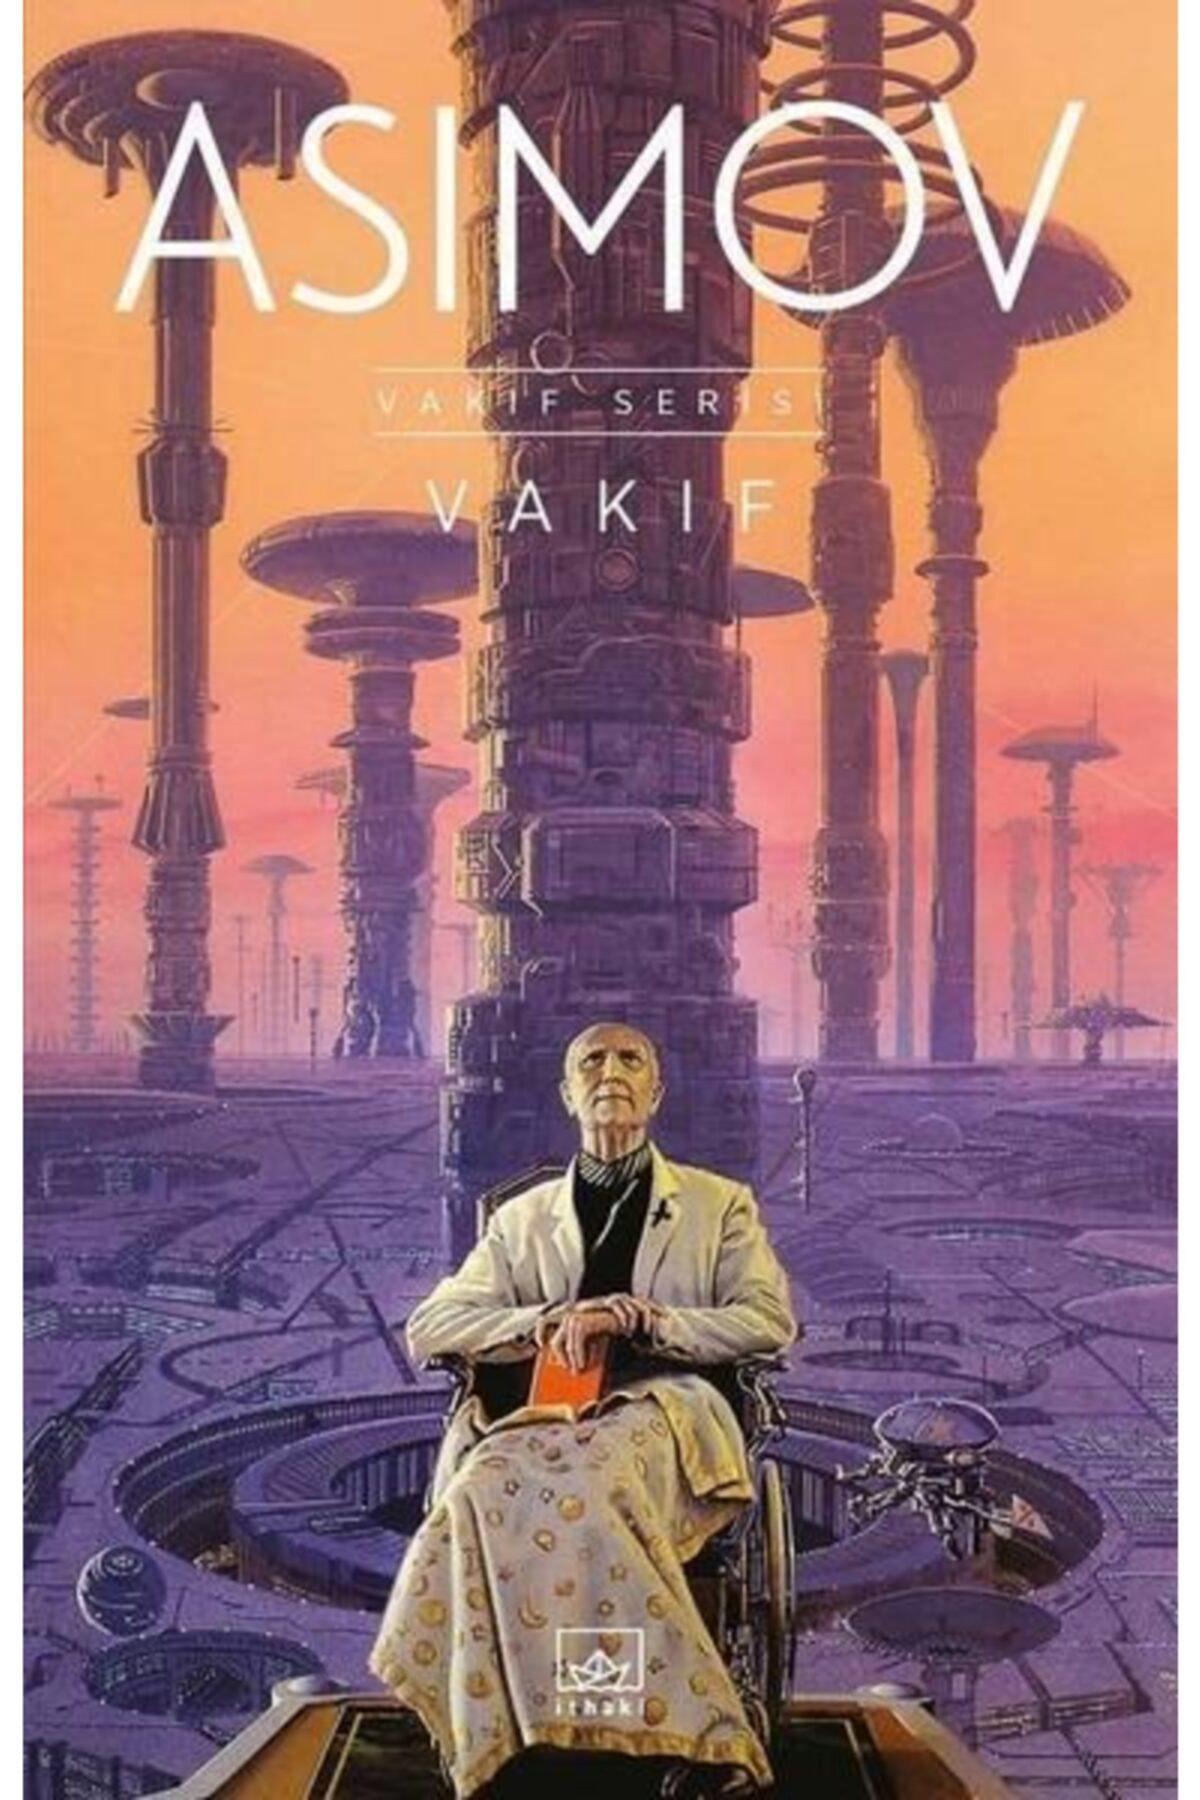 İthaki Yayınları Vakıf-ısaac Asimov 1